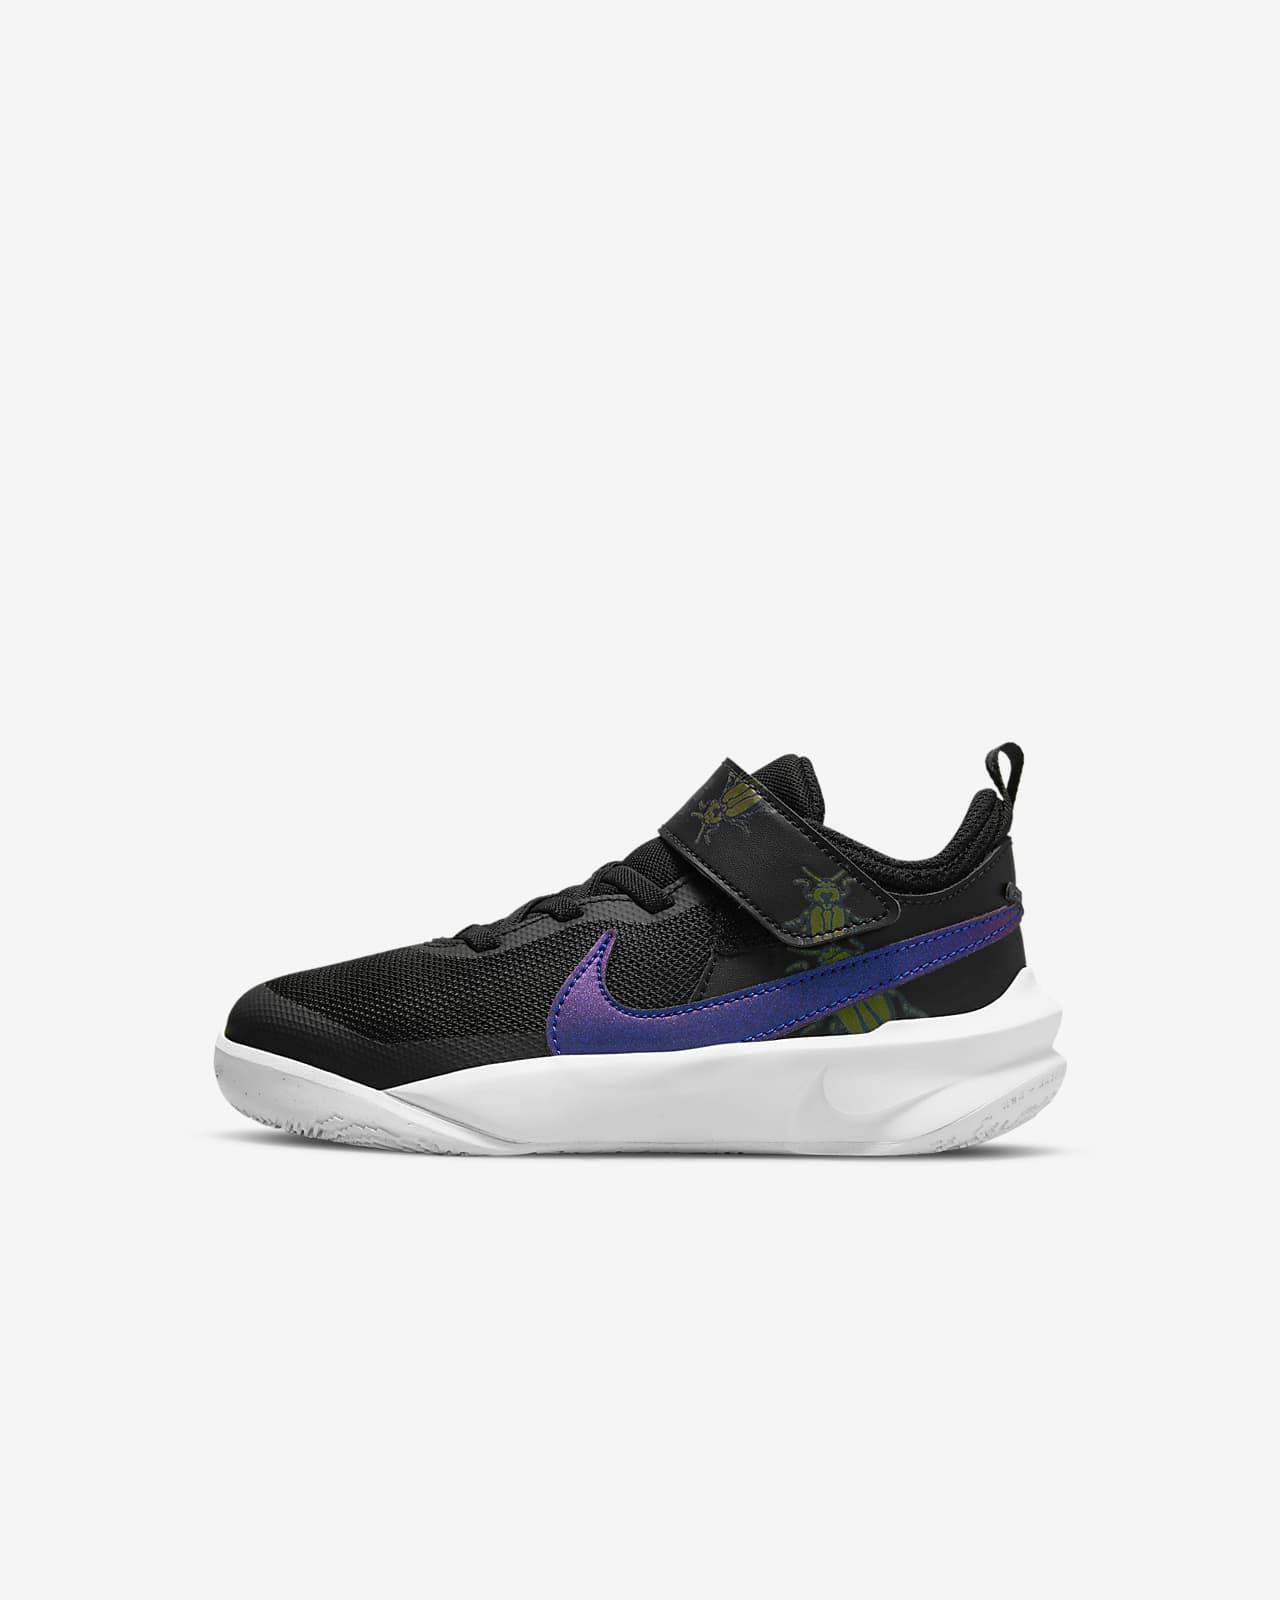 Chaussure Nike Team Hustle D 10 SE pour Jeune enfant